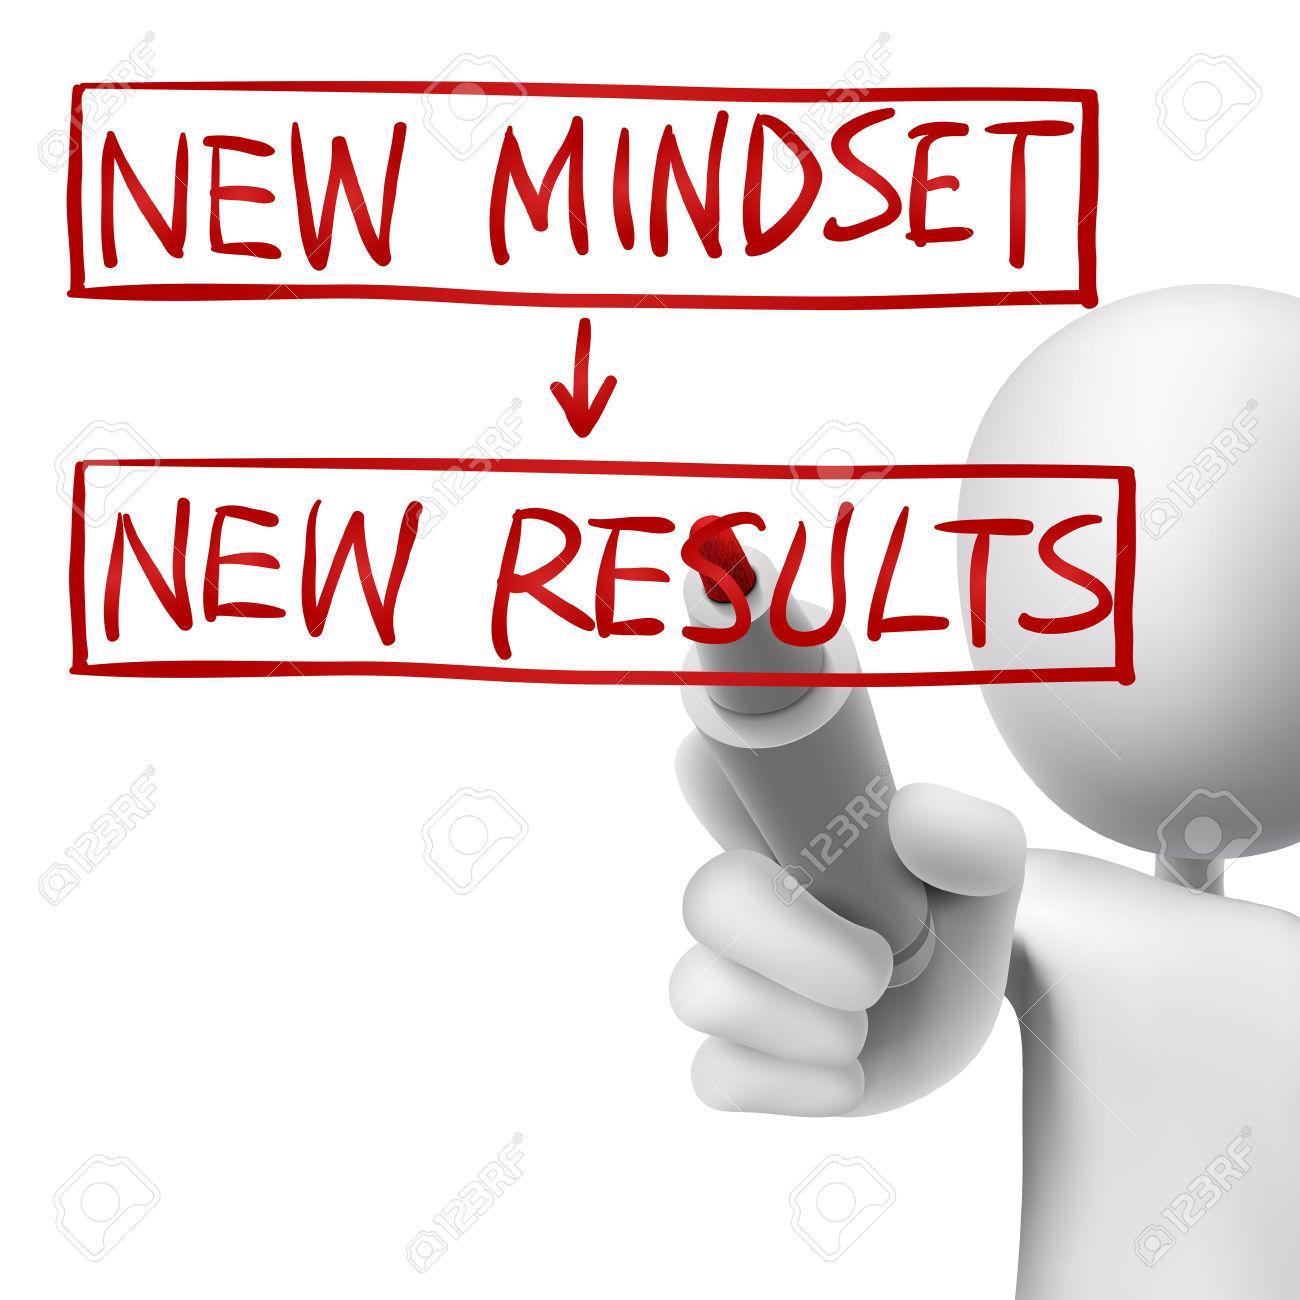 Nueva mentalidad, nuevos resultados